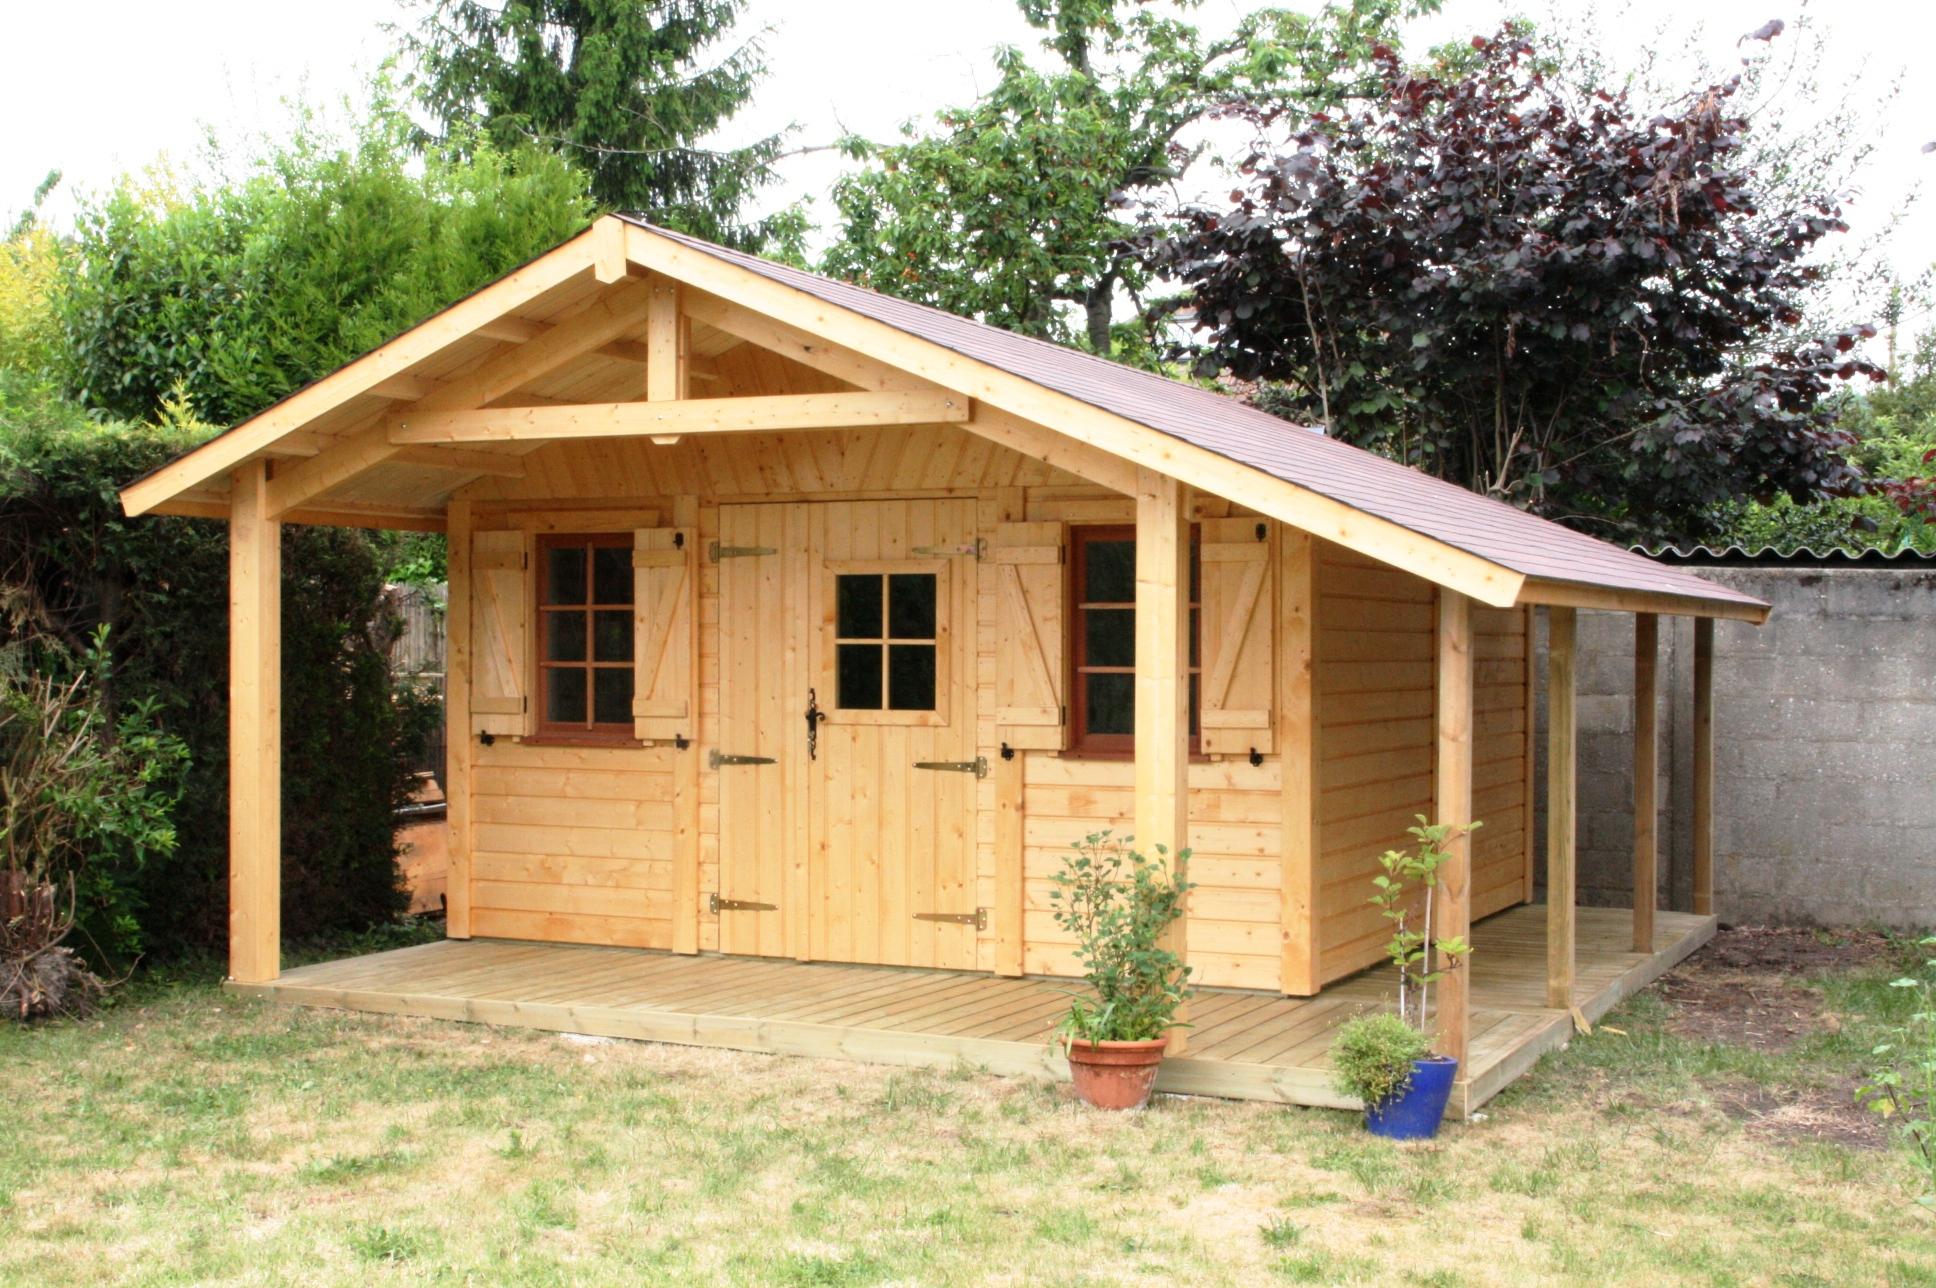 Maison Bois 20M2 Avec Mezzanine | Ventana Blog intérieur Chalet De Jardin 20M2